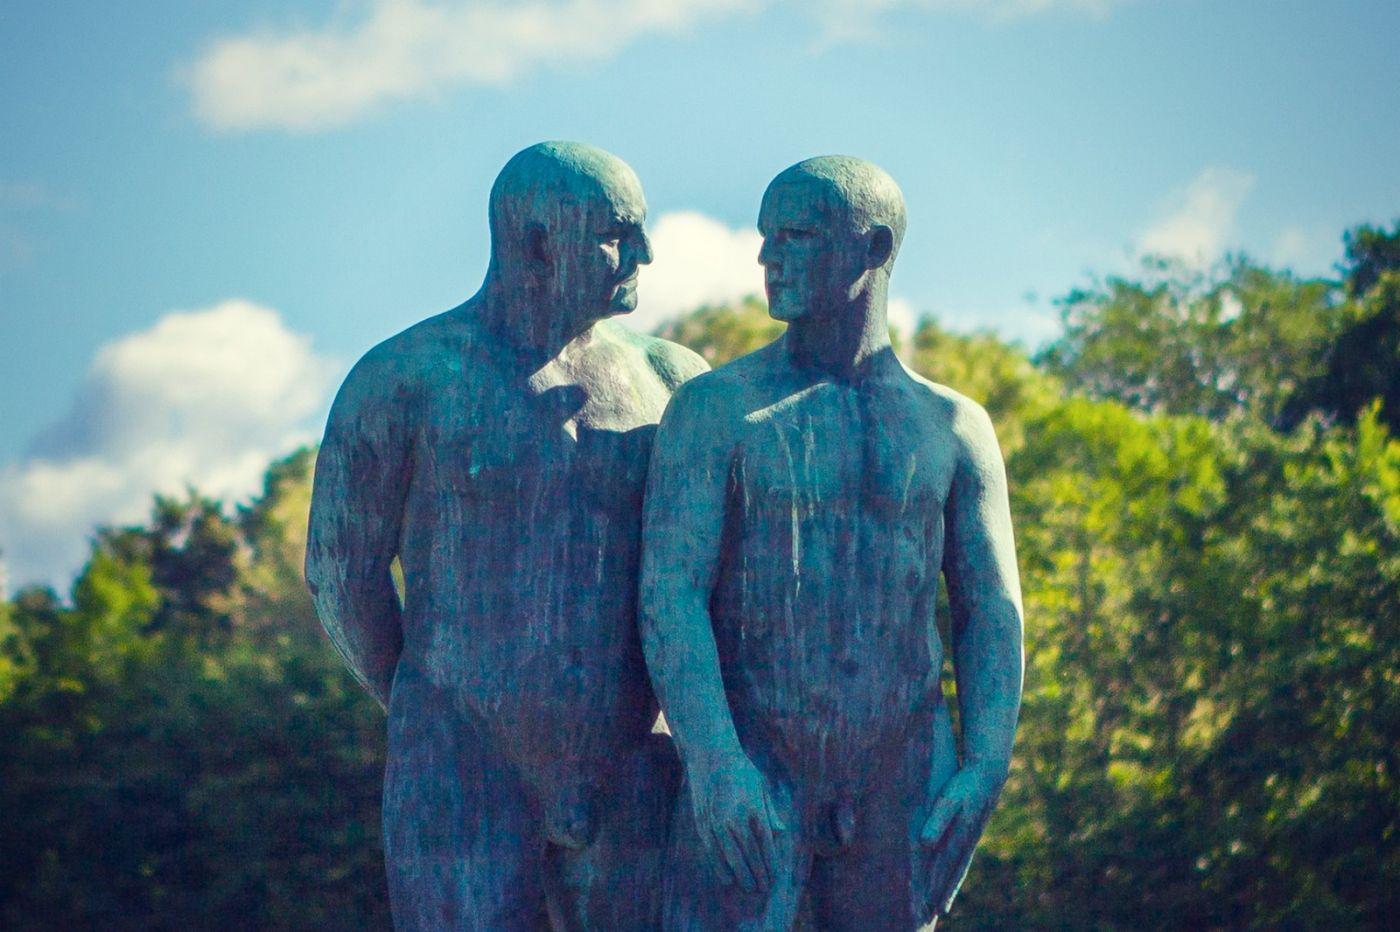 挪威维格兰雕塑公园,风格明显_图1-12